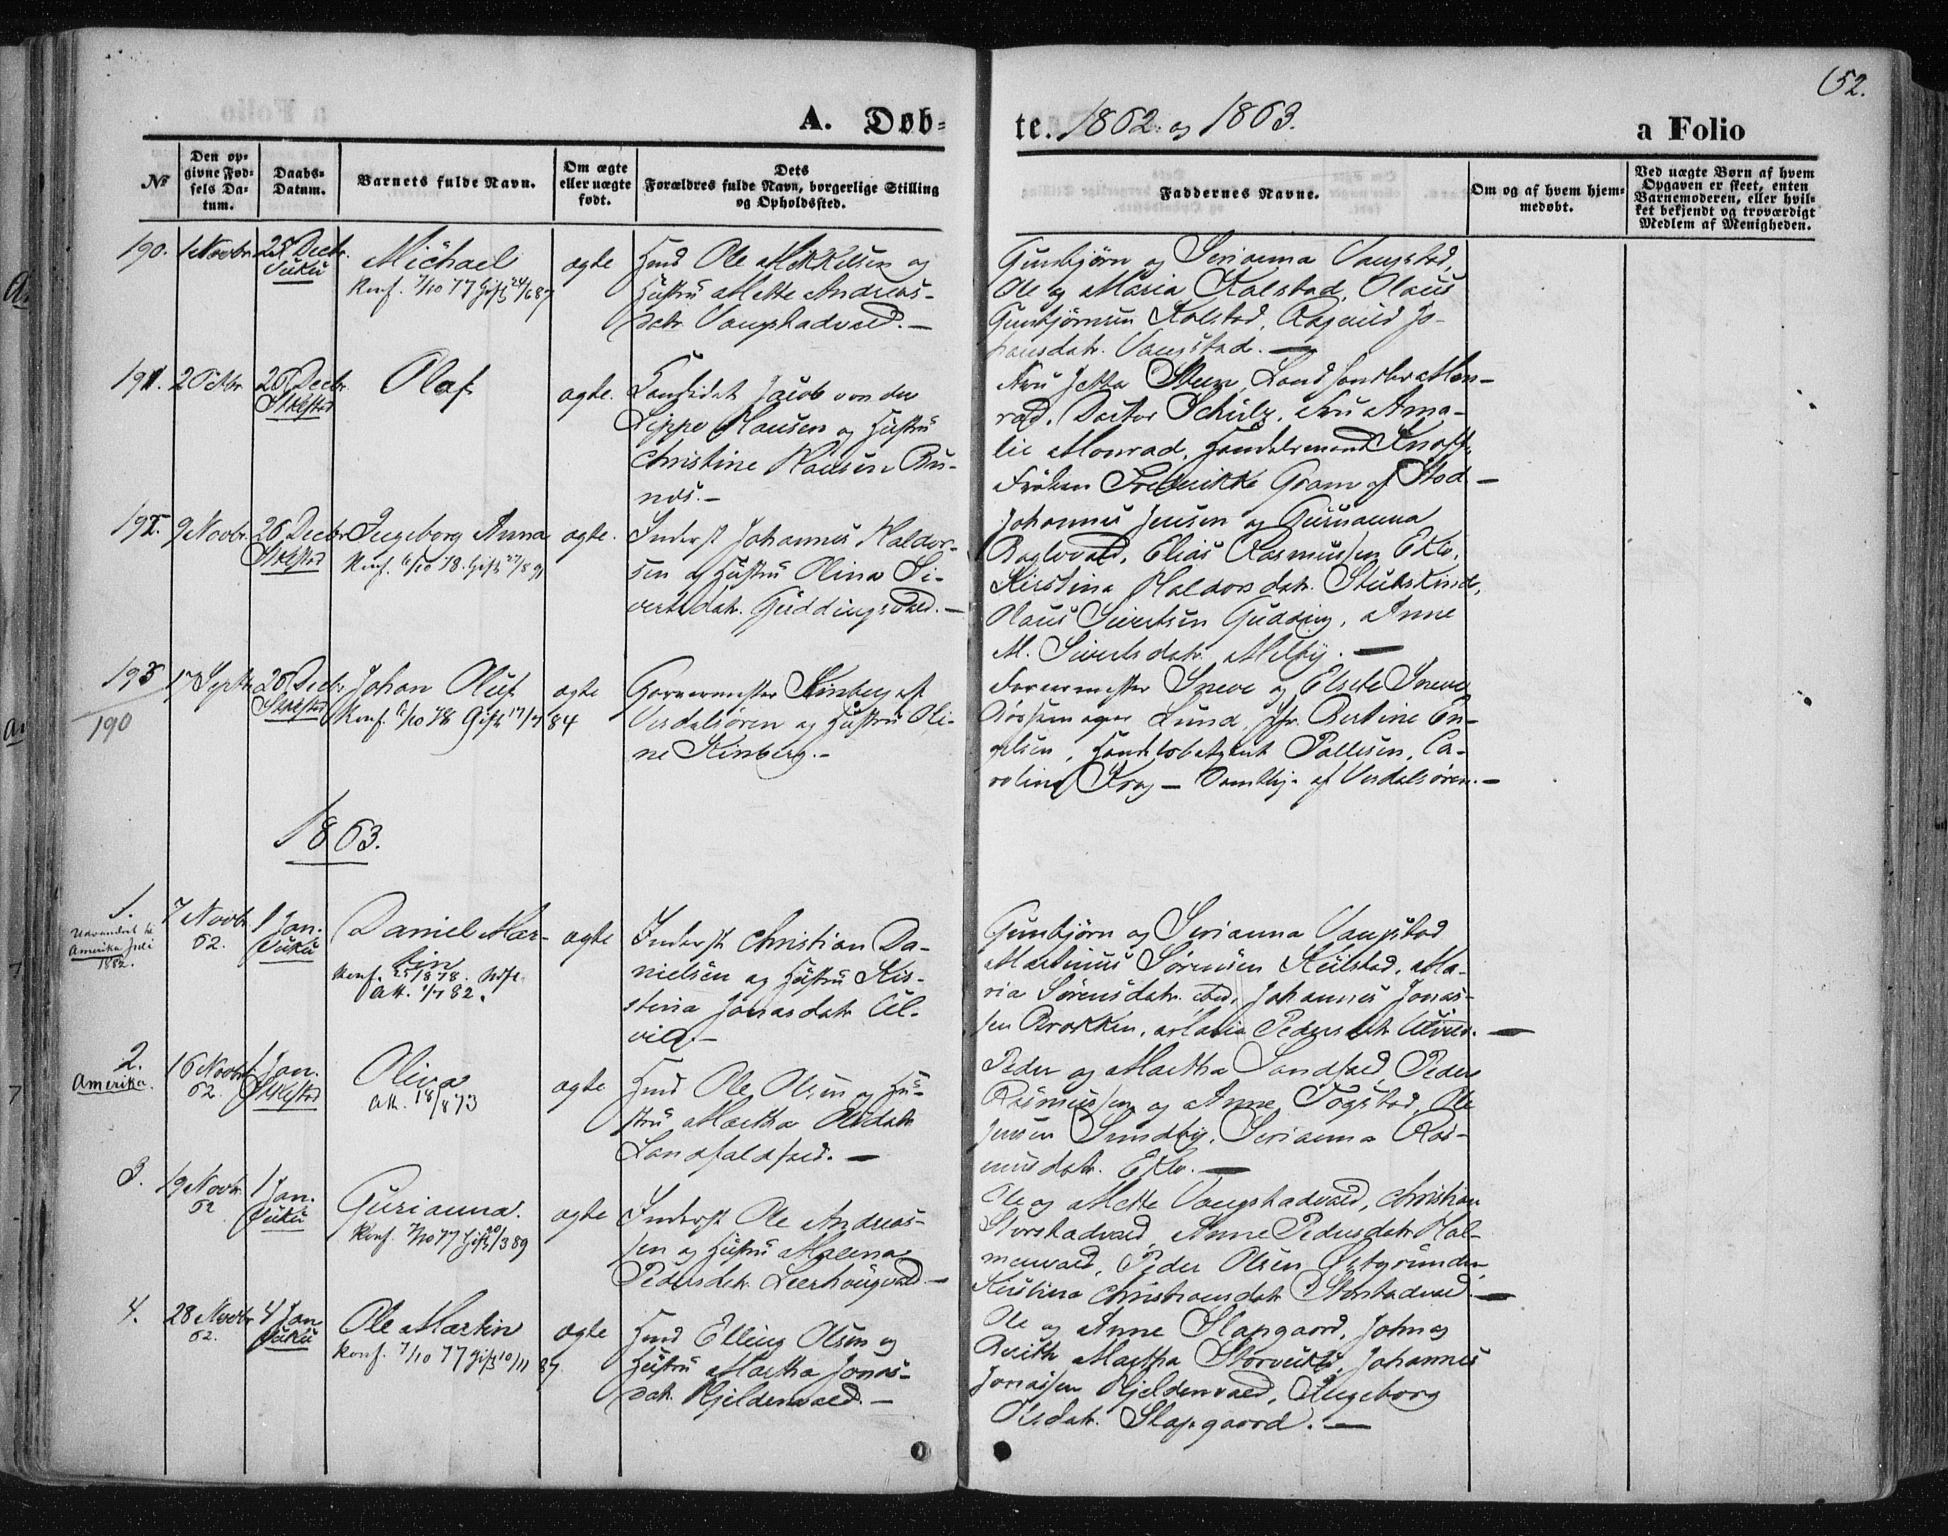 SAT, Ministerialprotokoller, klokkerbøker og fødselsregistre - Nord-Trøndelag, 723/L0241: Ministerialbok nr. 723A10, 1860-1869, s. 52